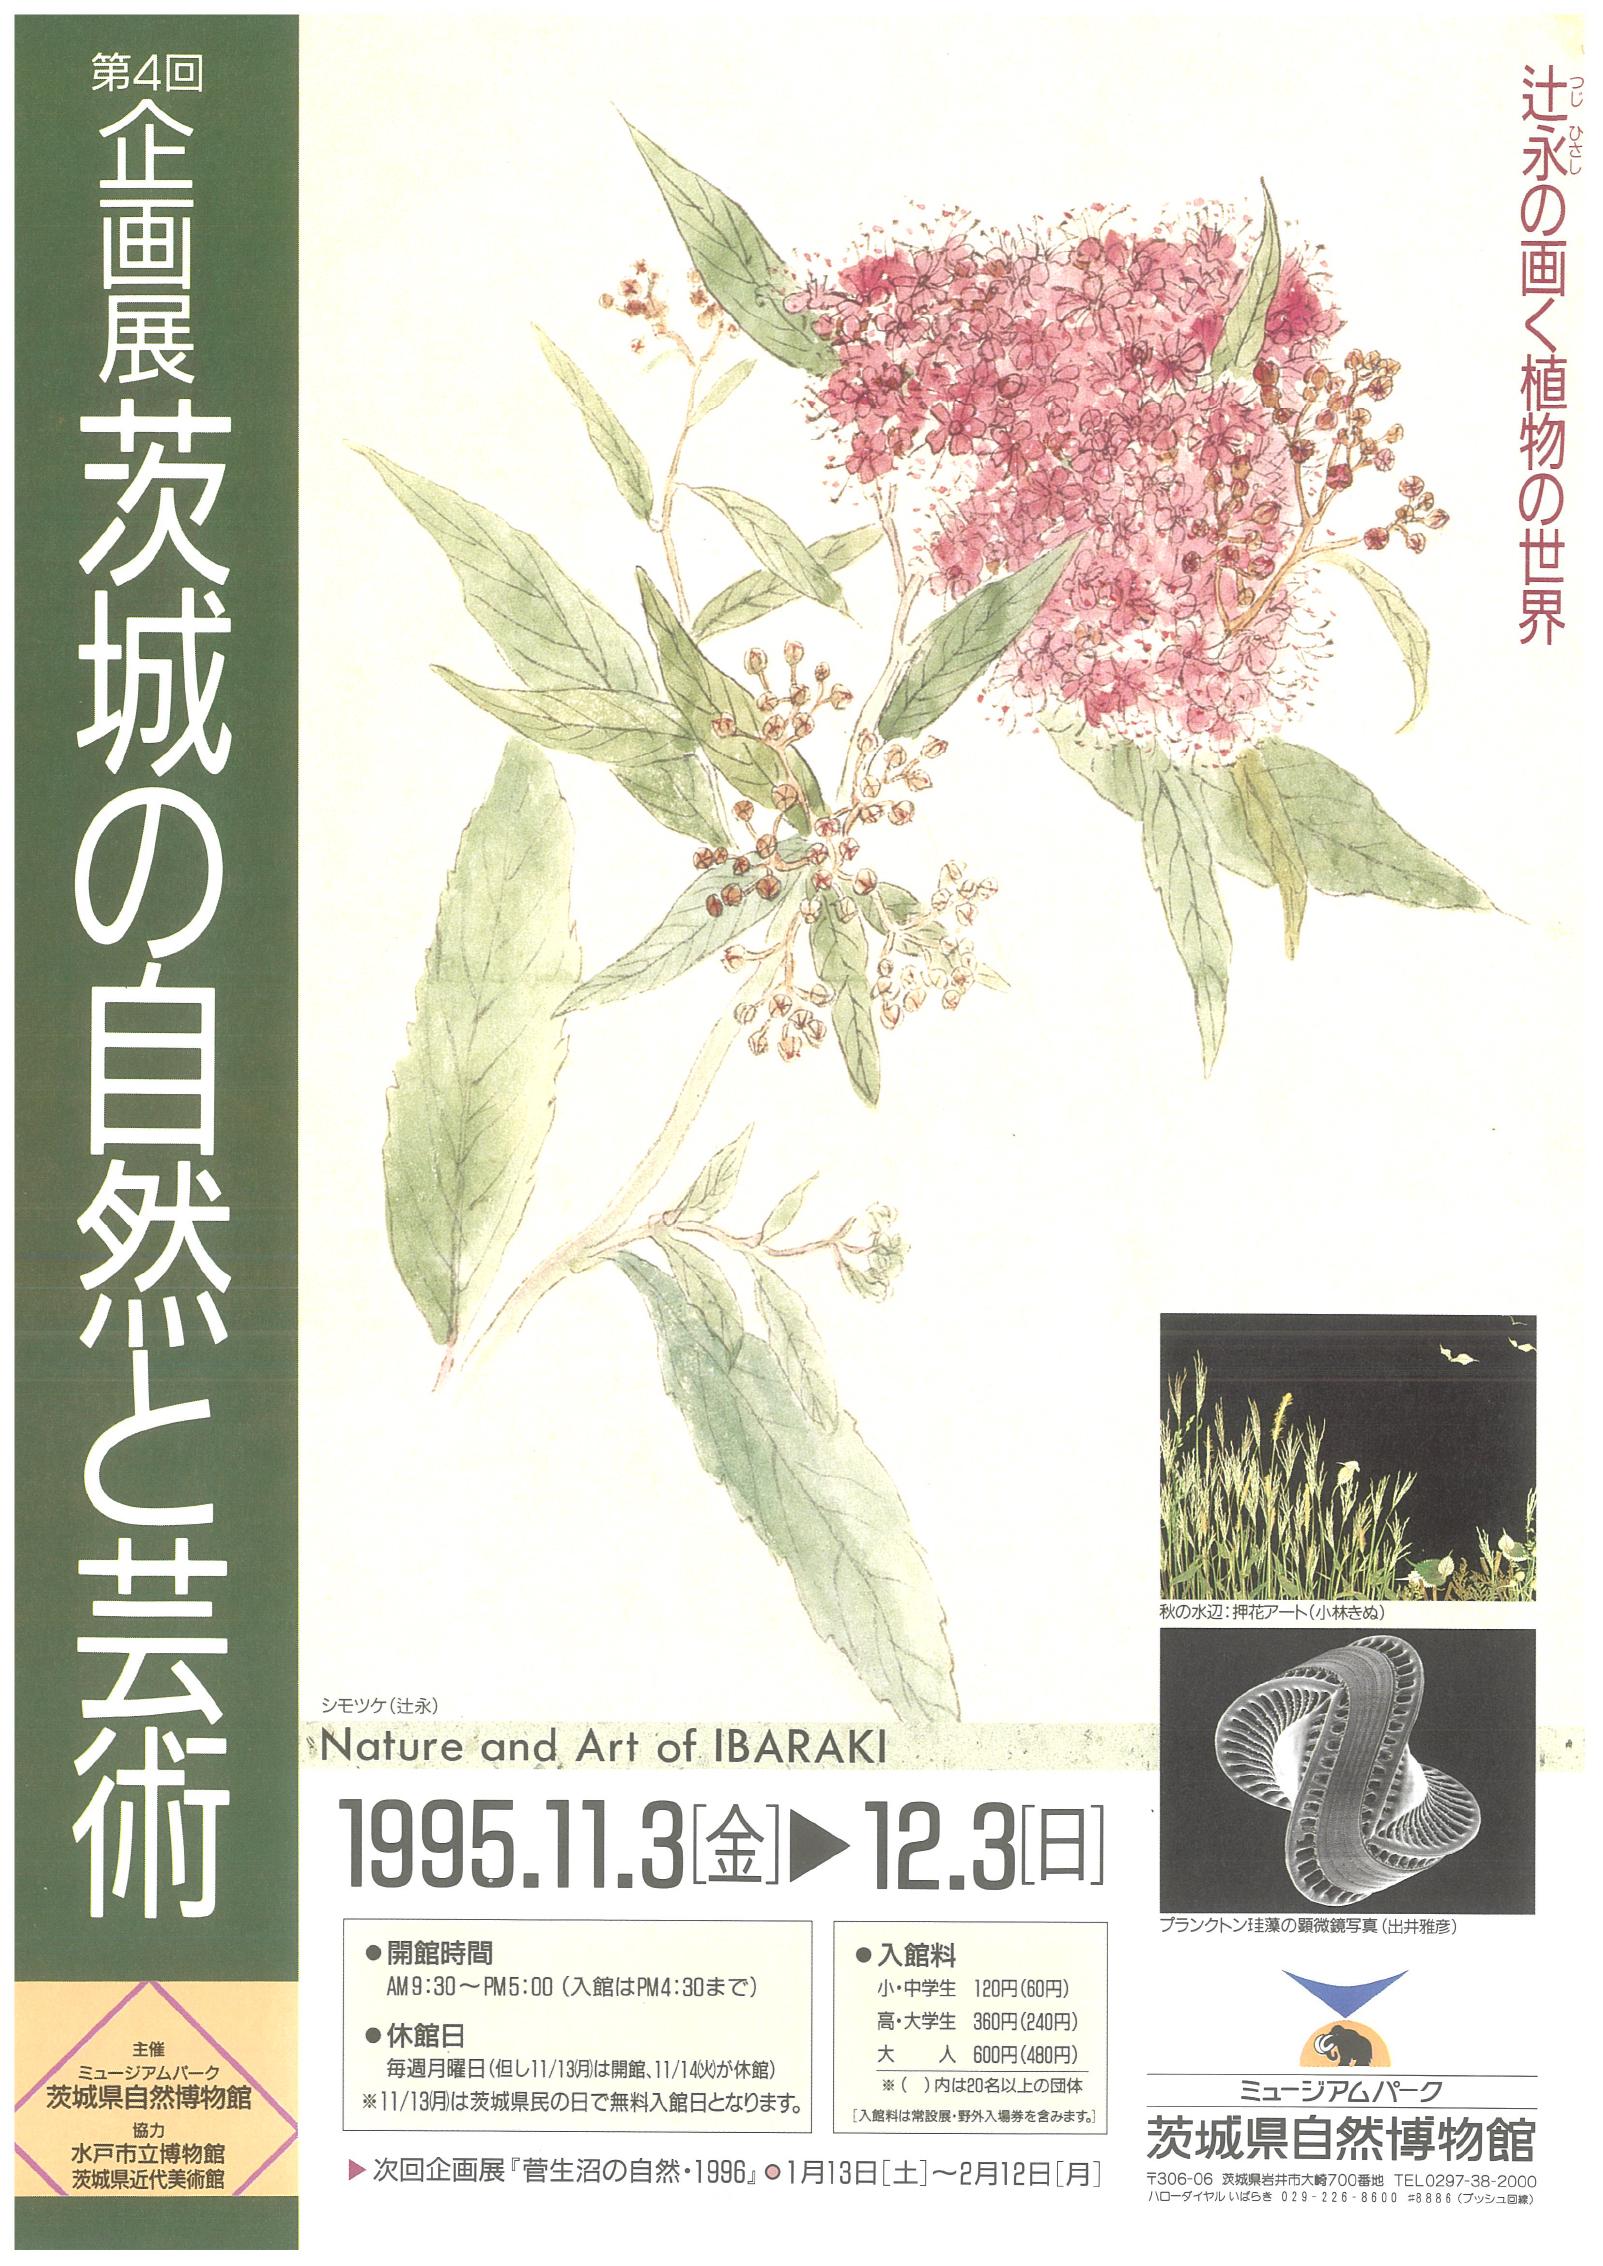 茨城の自然と芸術 -辻永の画く植物の世界-